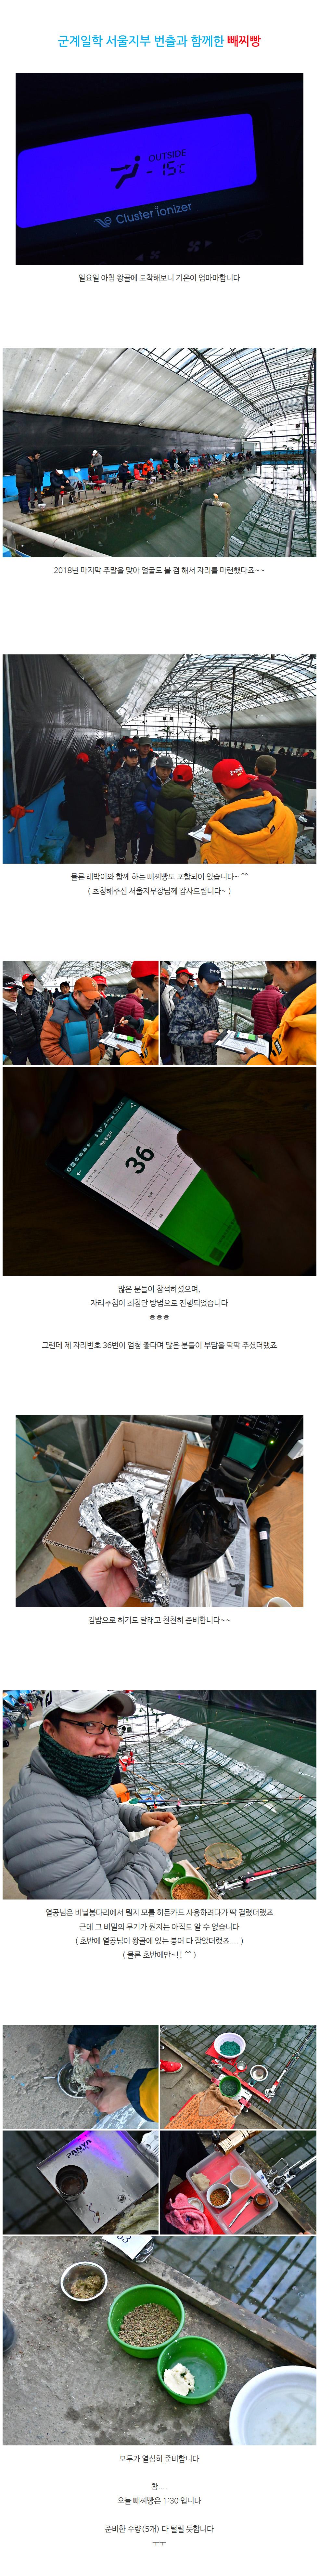 빼찌빵 - 서울지부 번출(왕골 하우스) 1.jpg